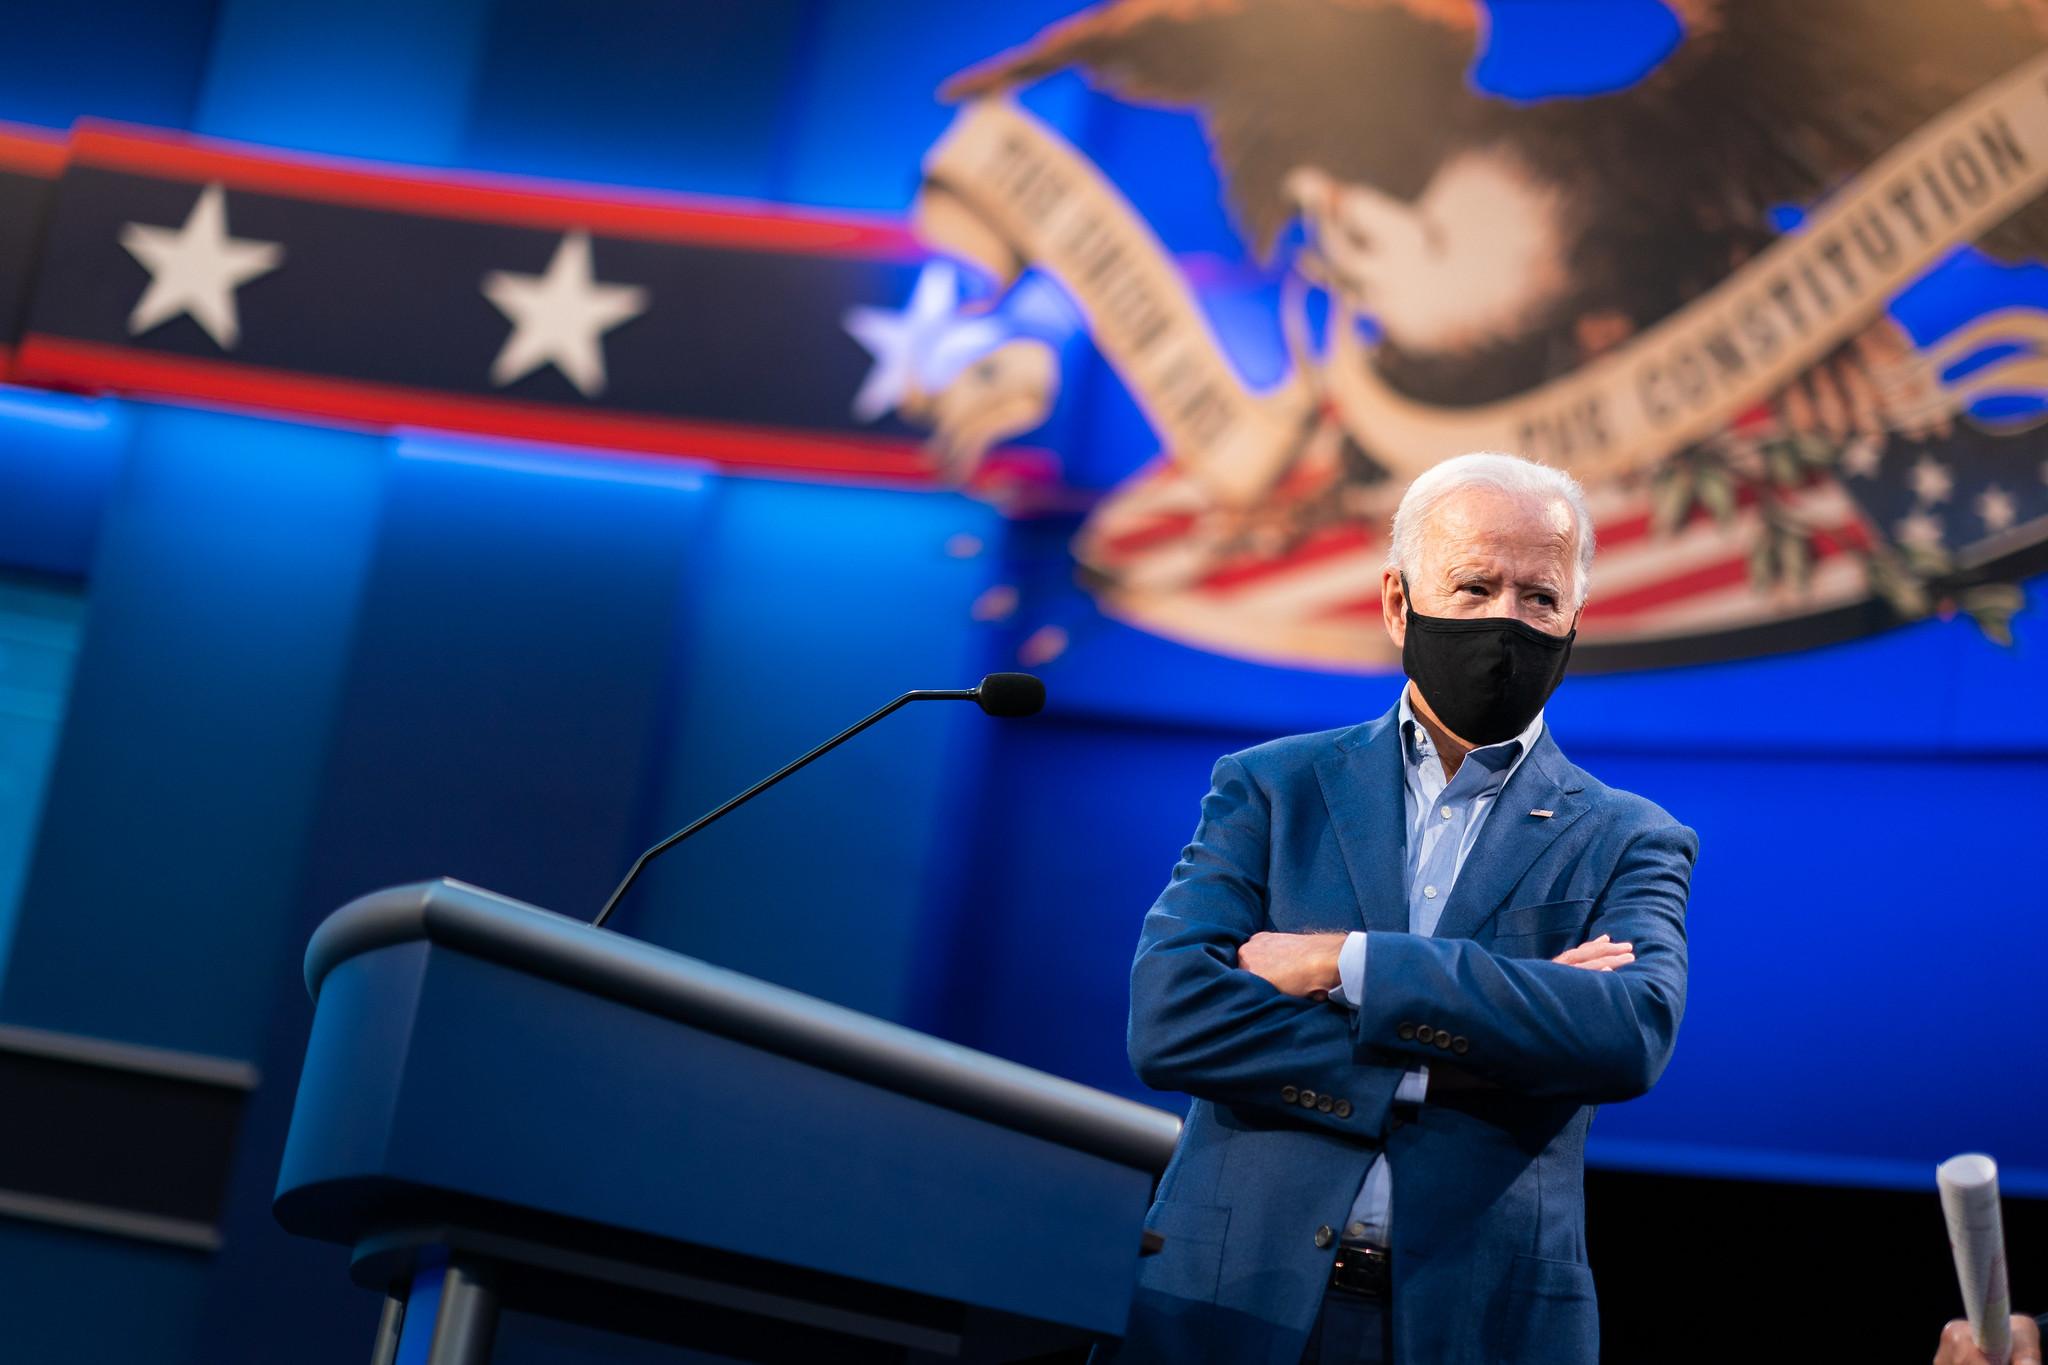 IMAGEM: Chefe de agência federal reconhece vitória de Biden